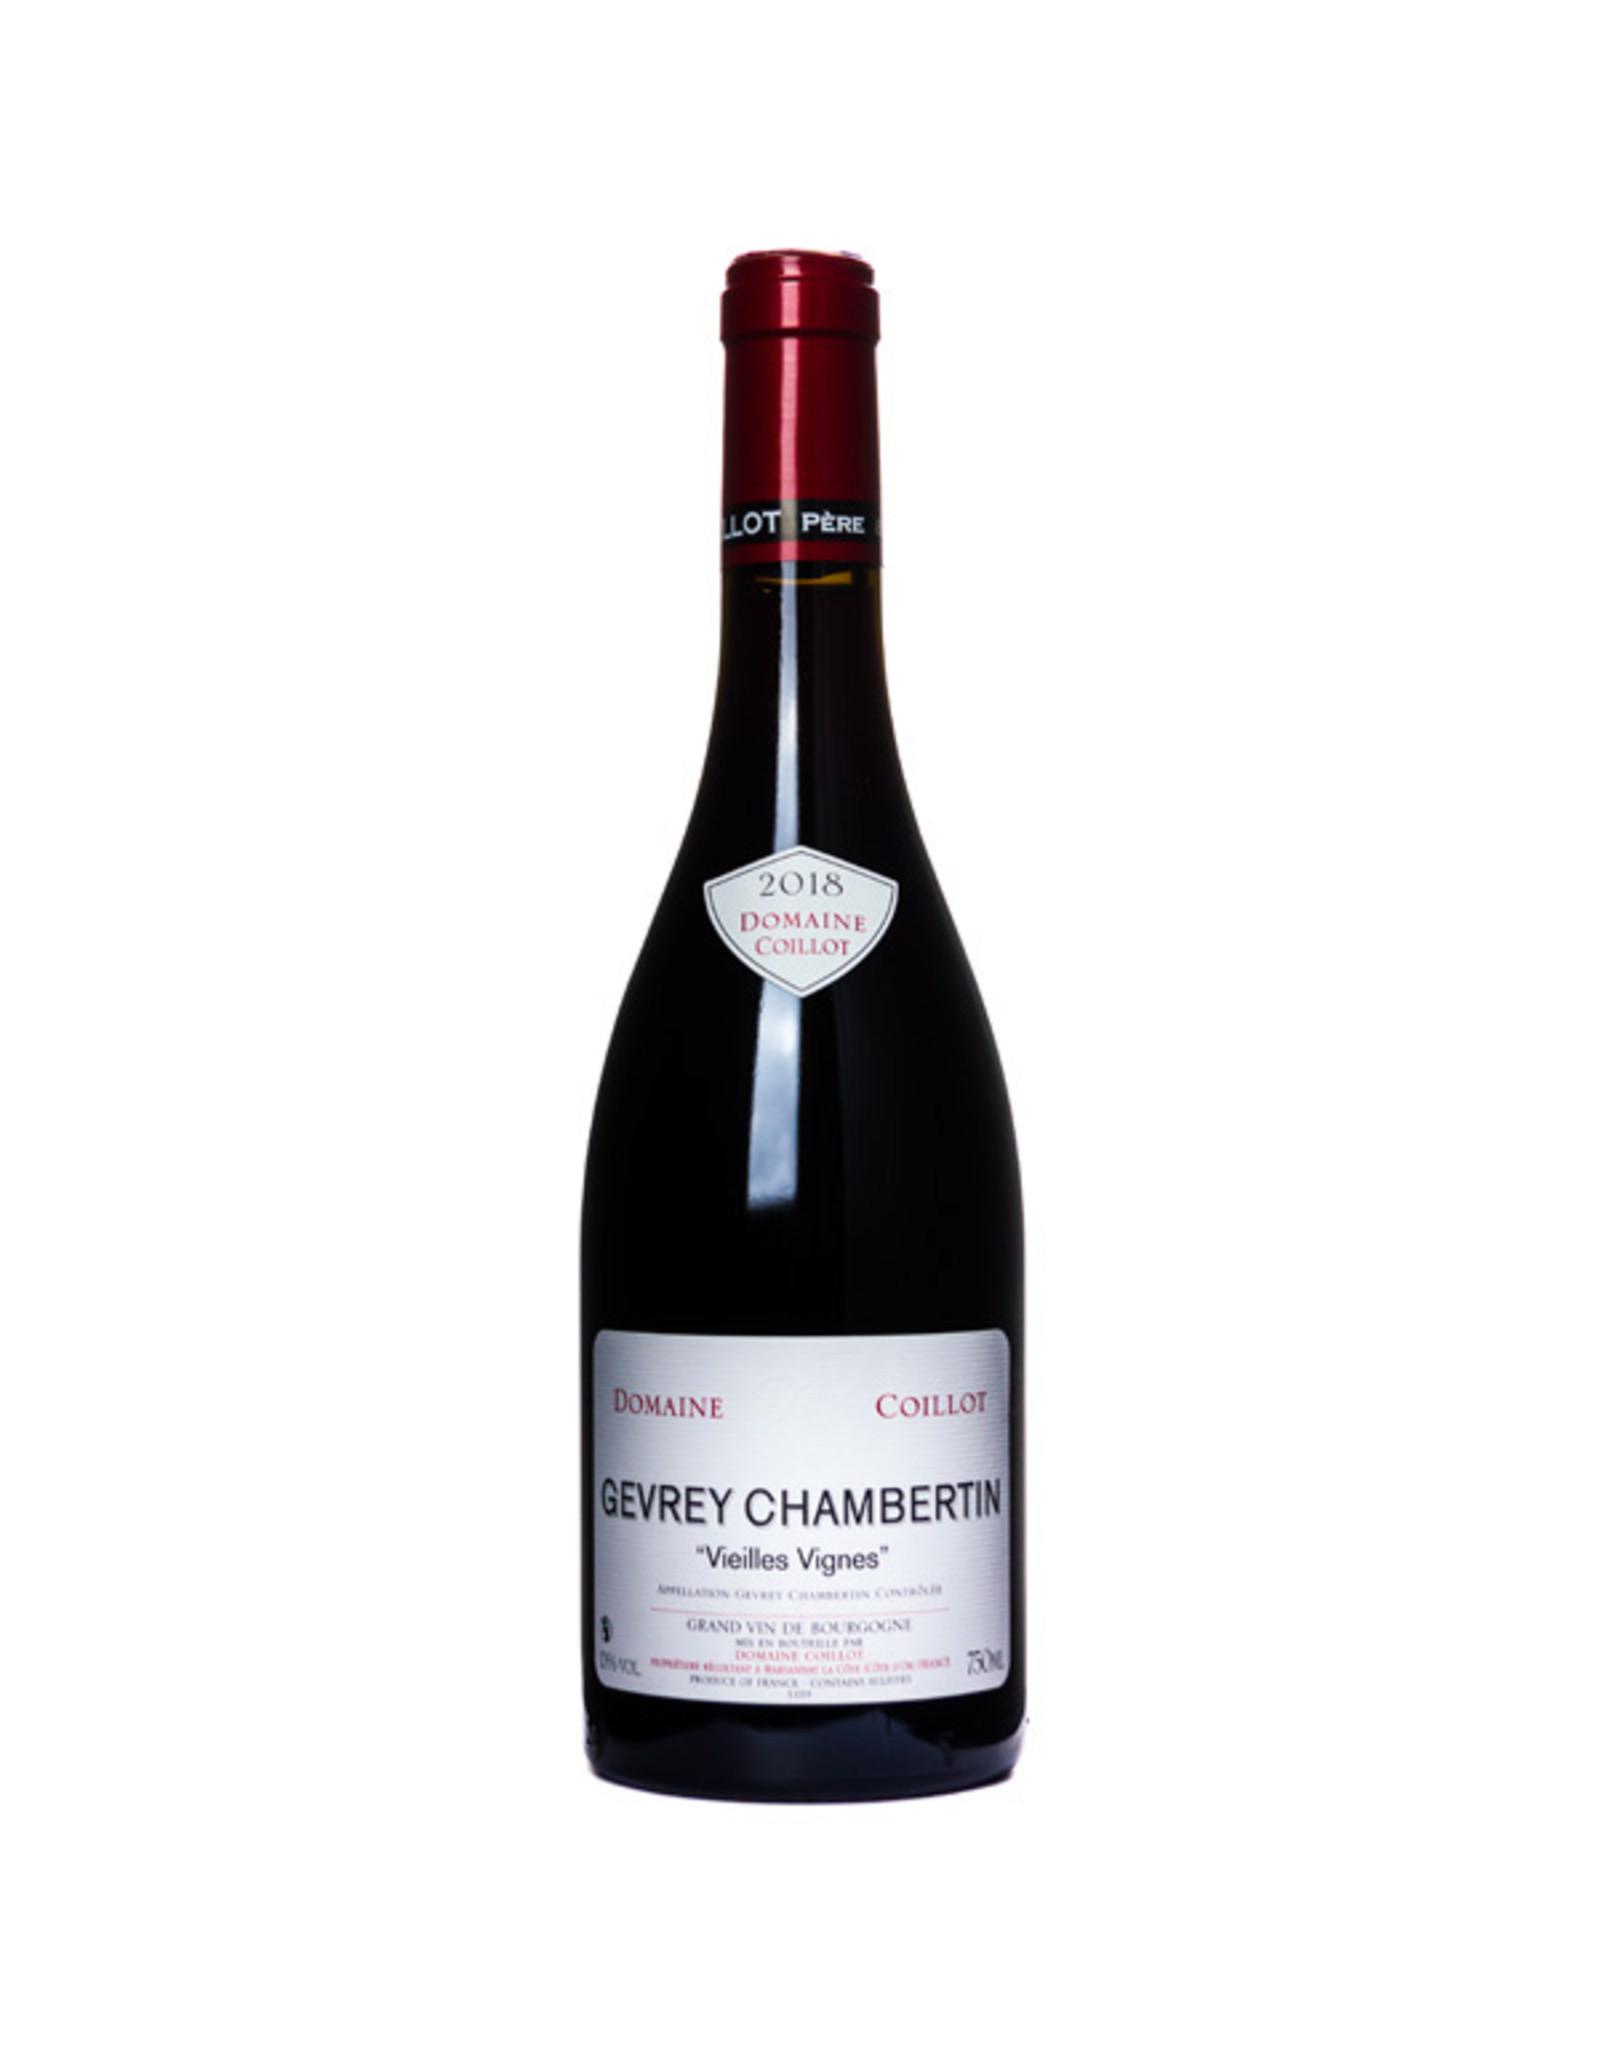 Domaine Christophe Coillot, Marsannay Domaine Coillot, Gevrey Chambertin VV 2018